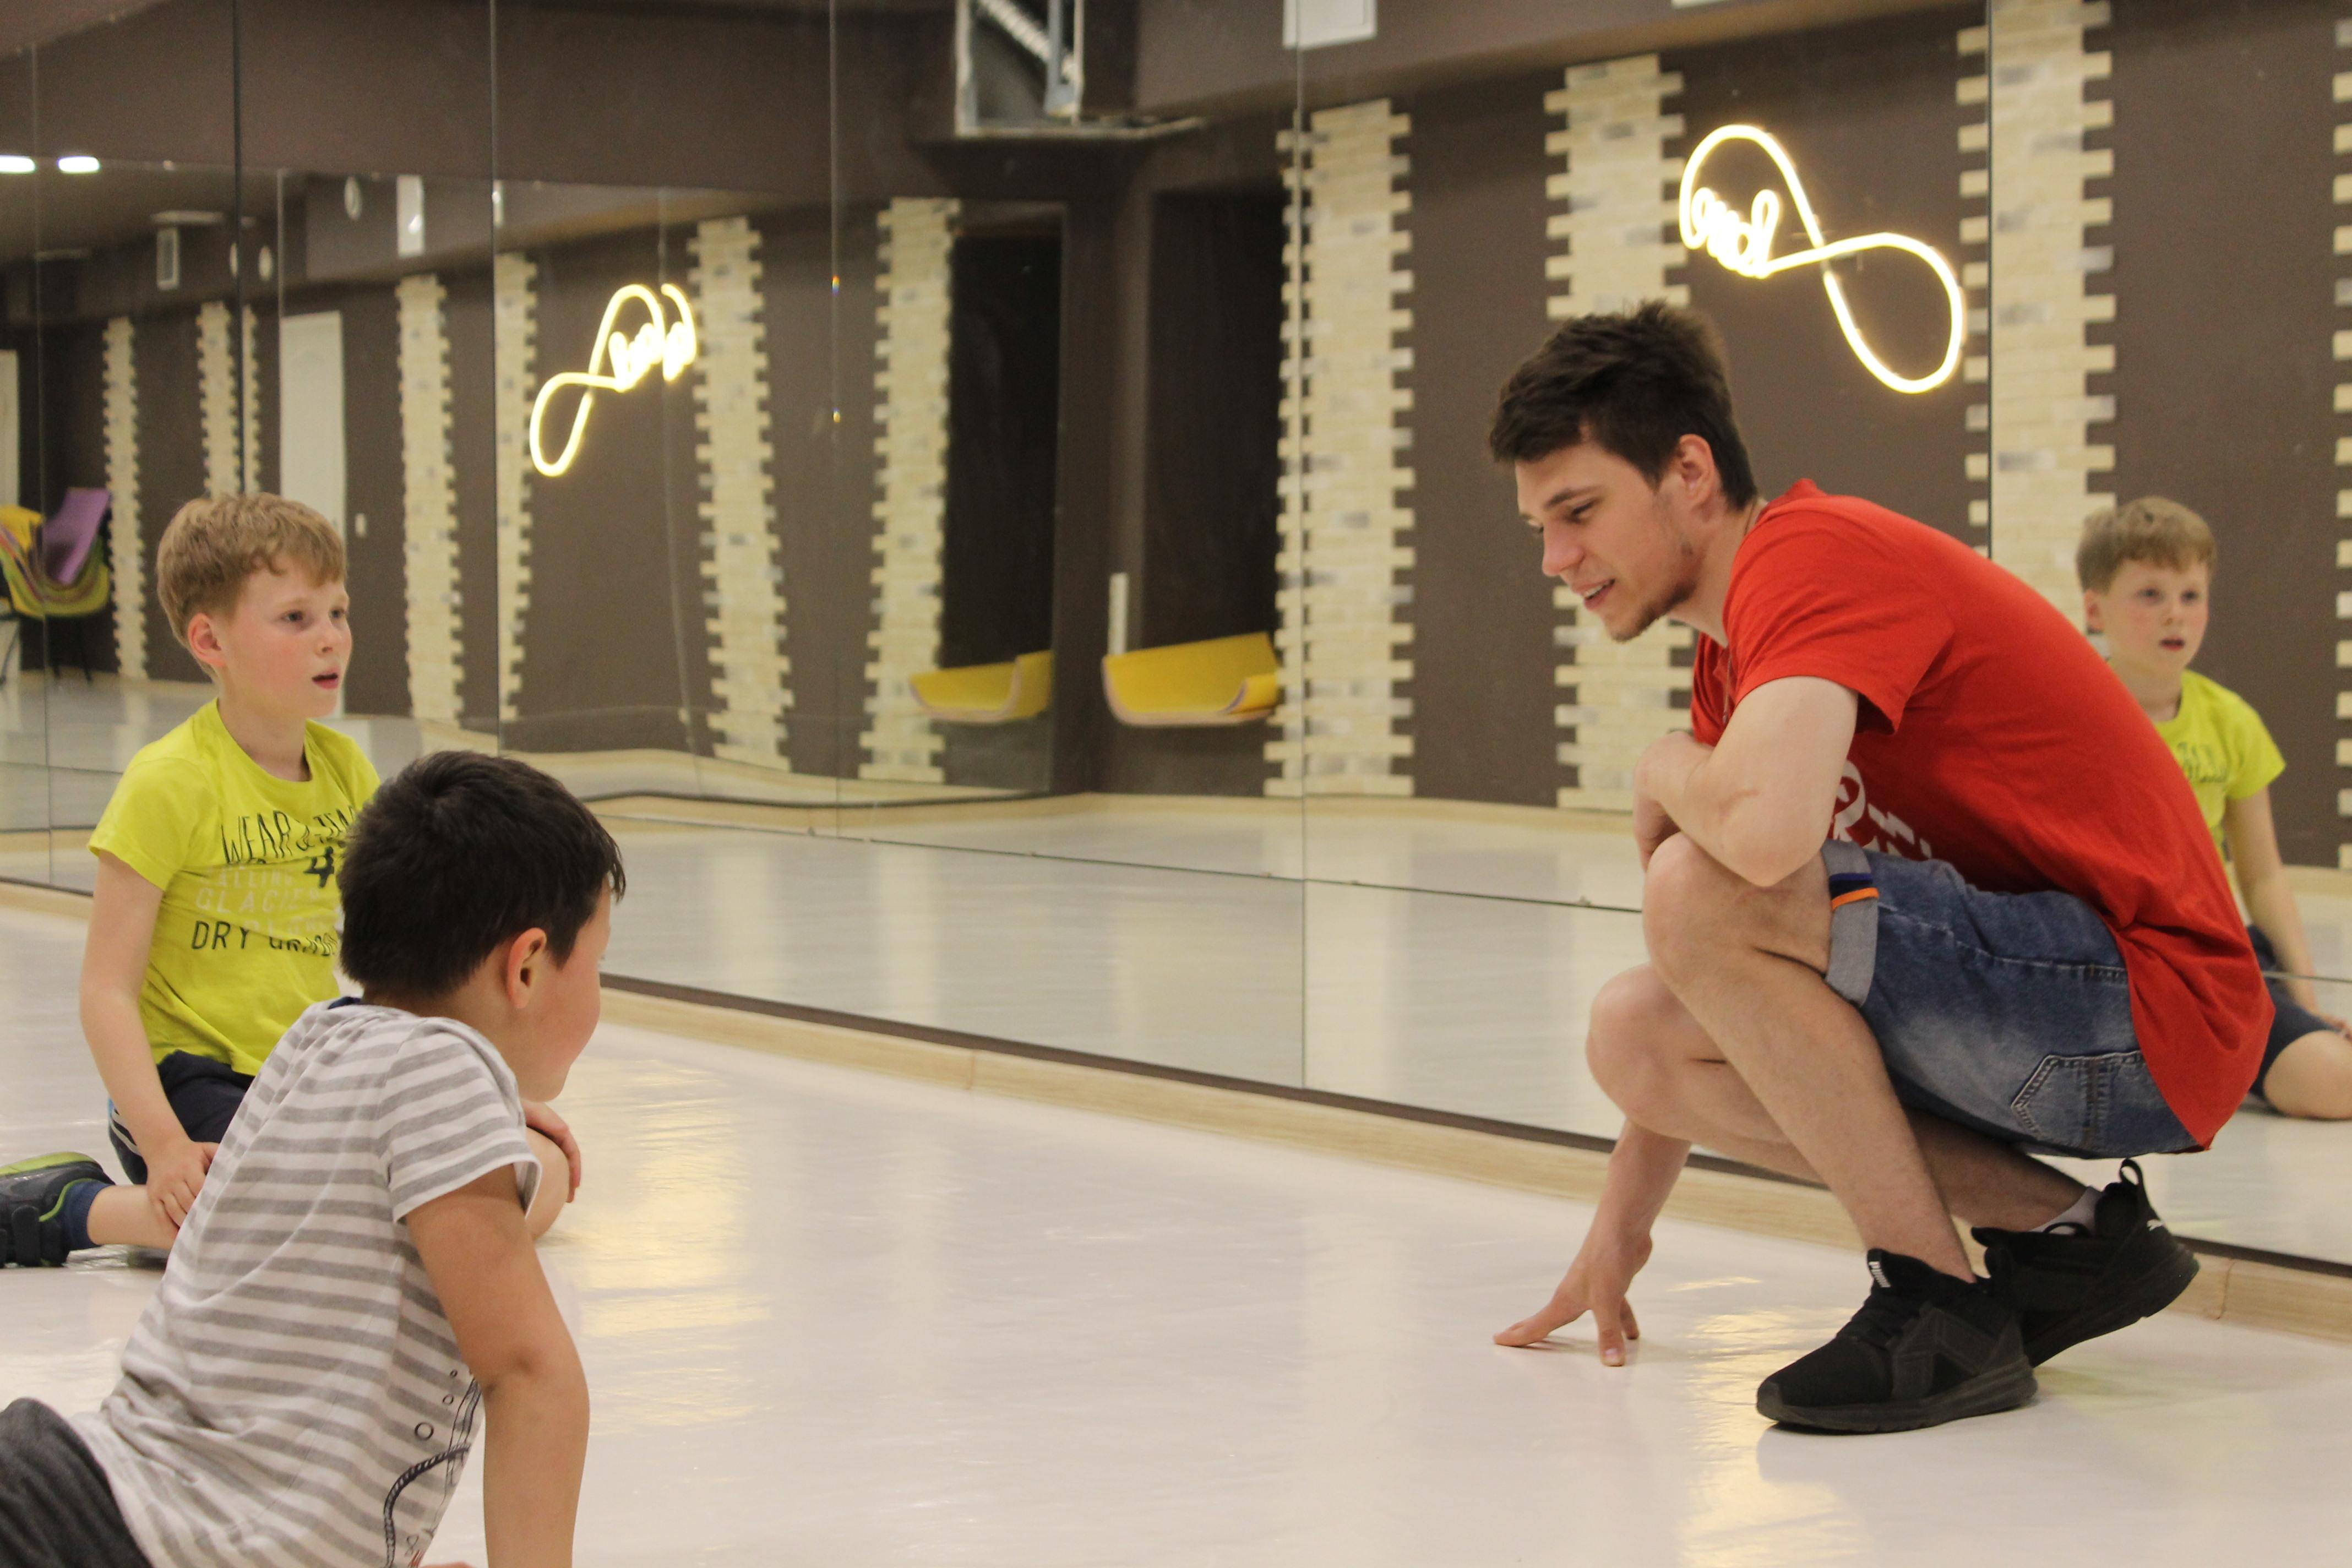 Занятия для детей в студии танца 5Life